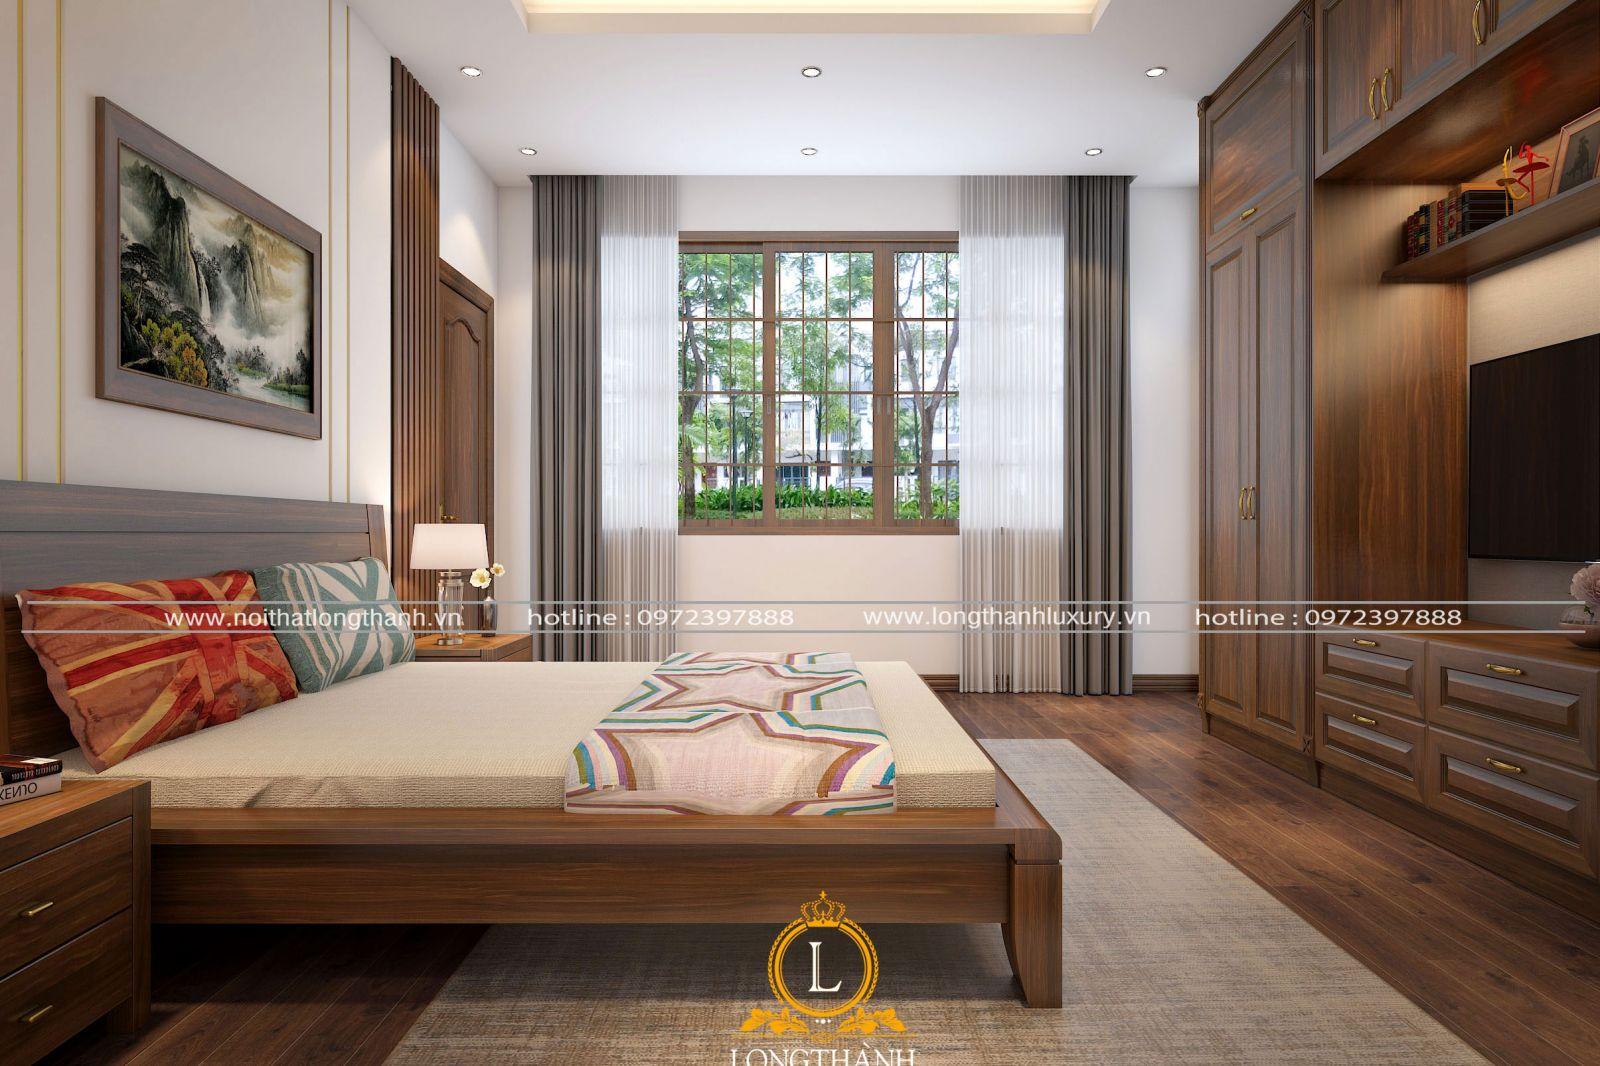 Phòng ngủ hiện đại được bố trí hệ cửa sổ thông thoáng